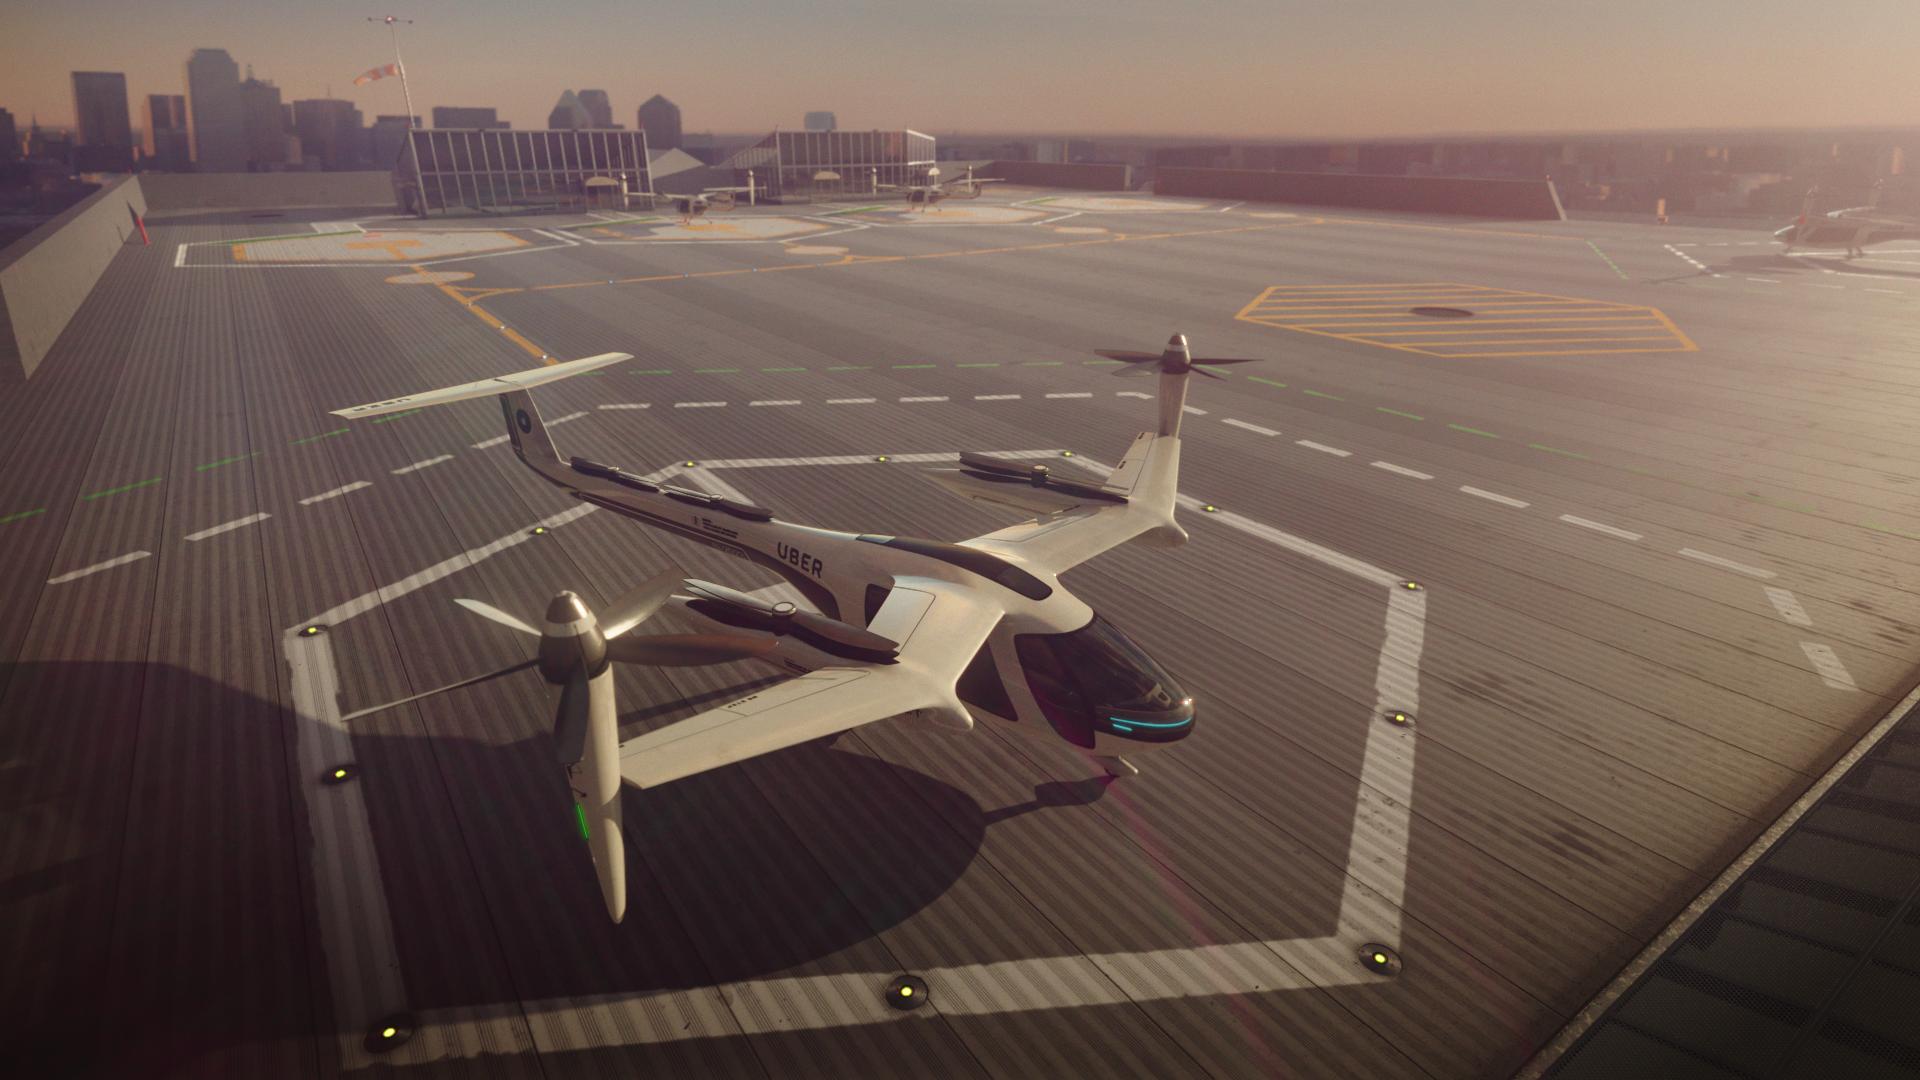 Uberov leteći taksi stiže 2020., a ovako će izgledati jedan let